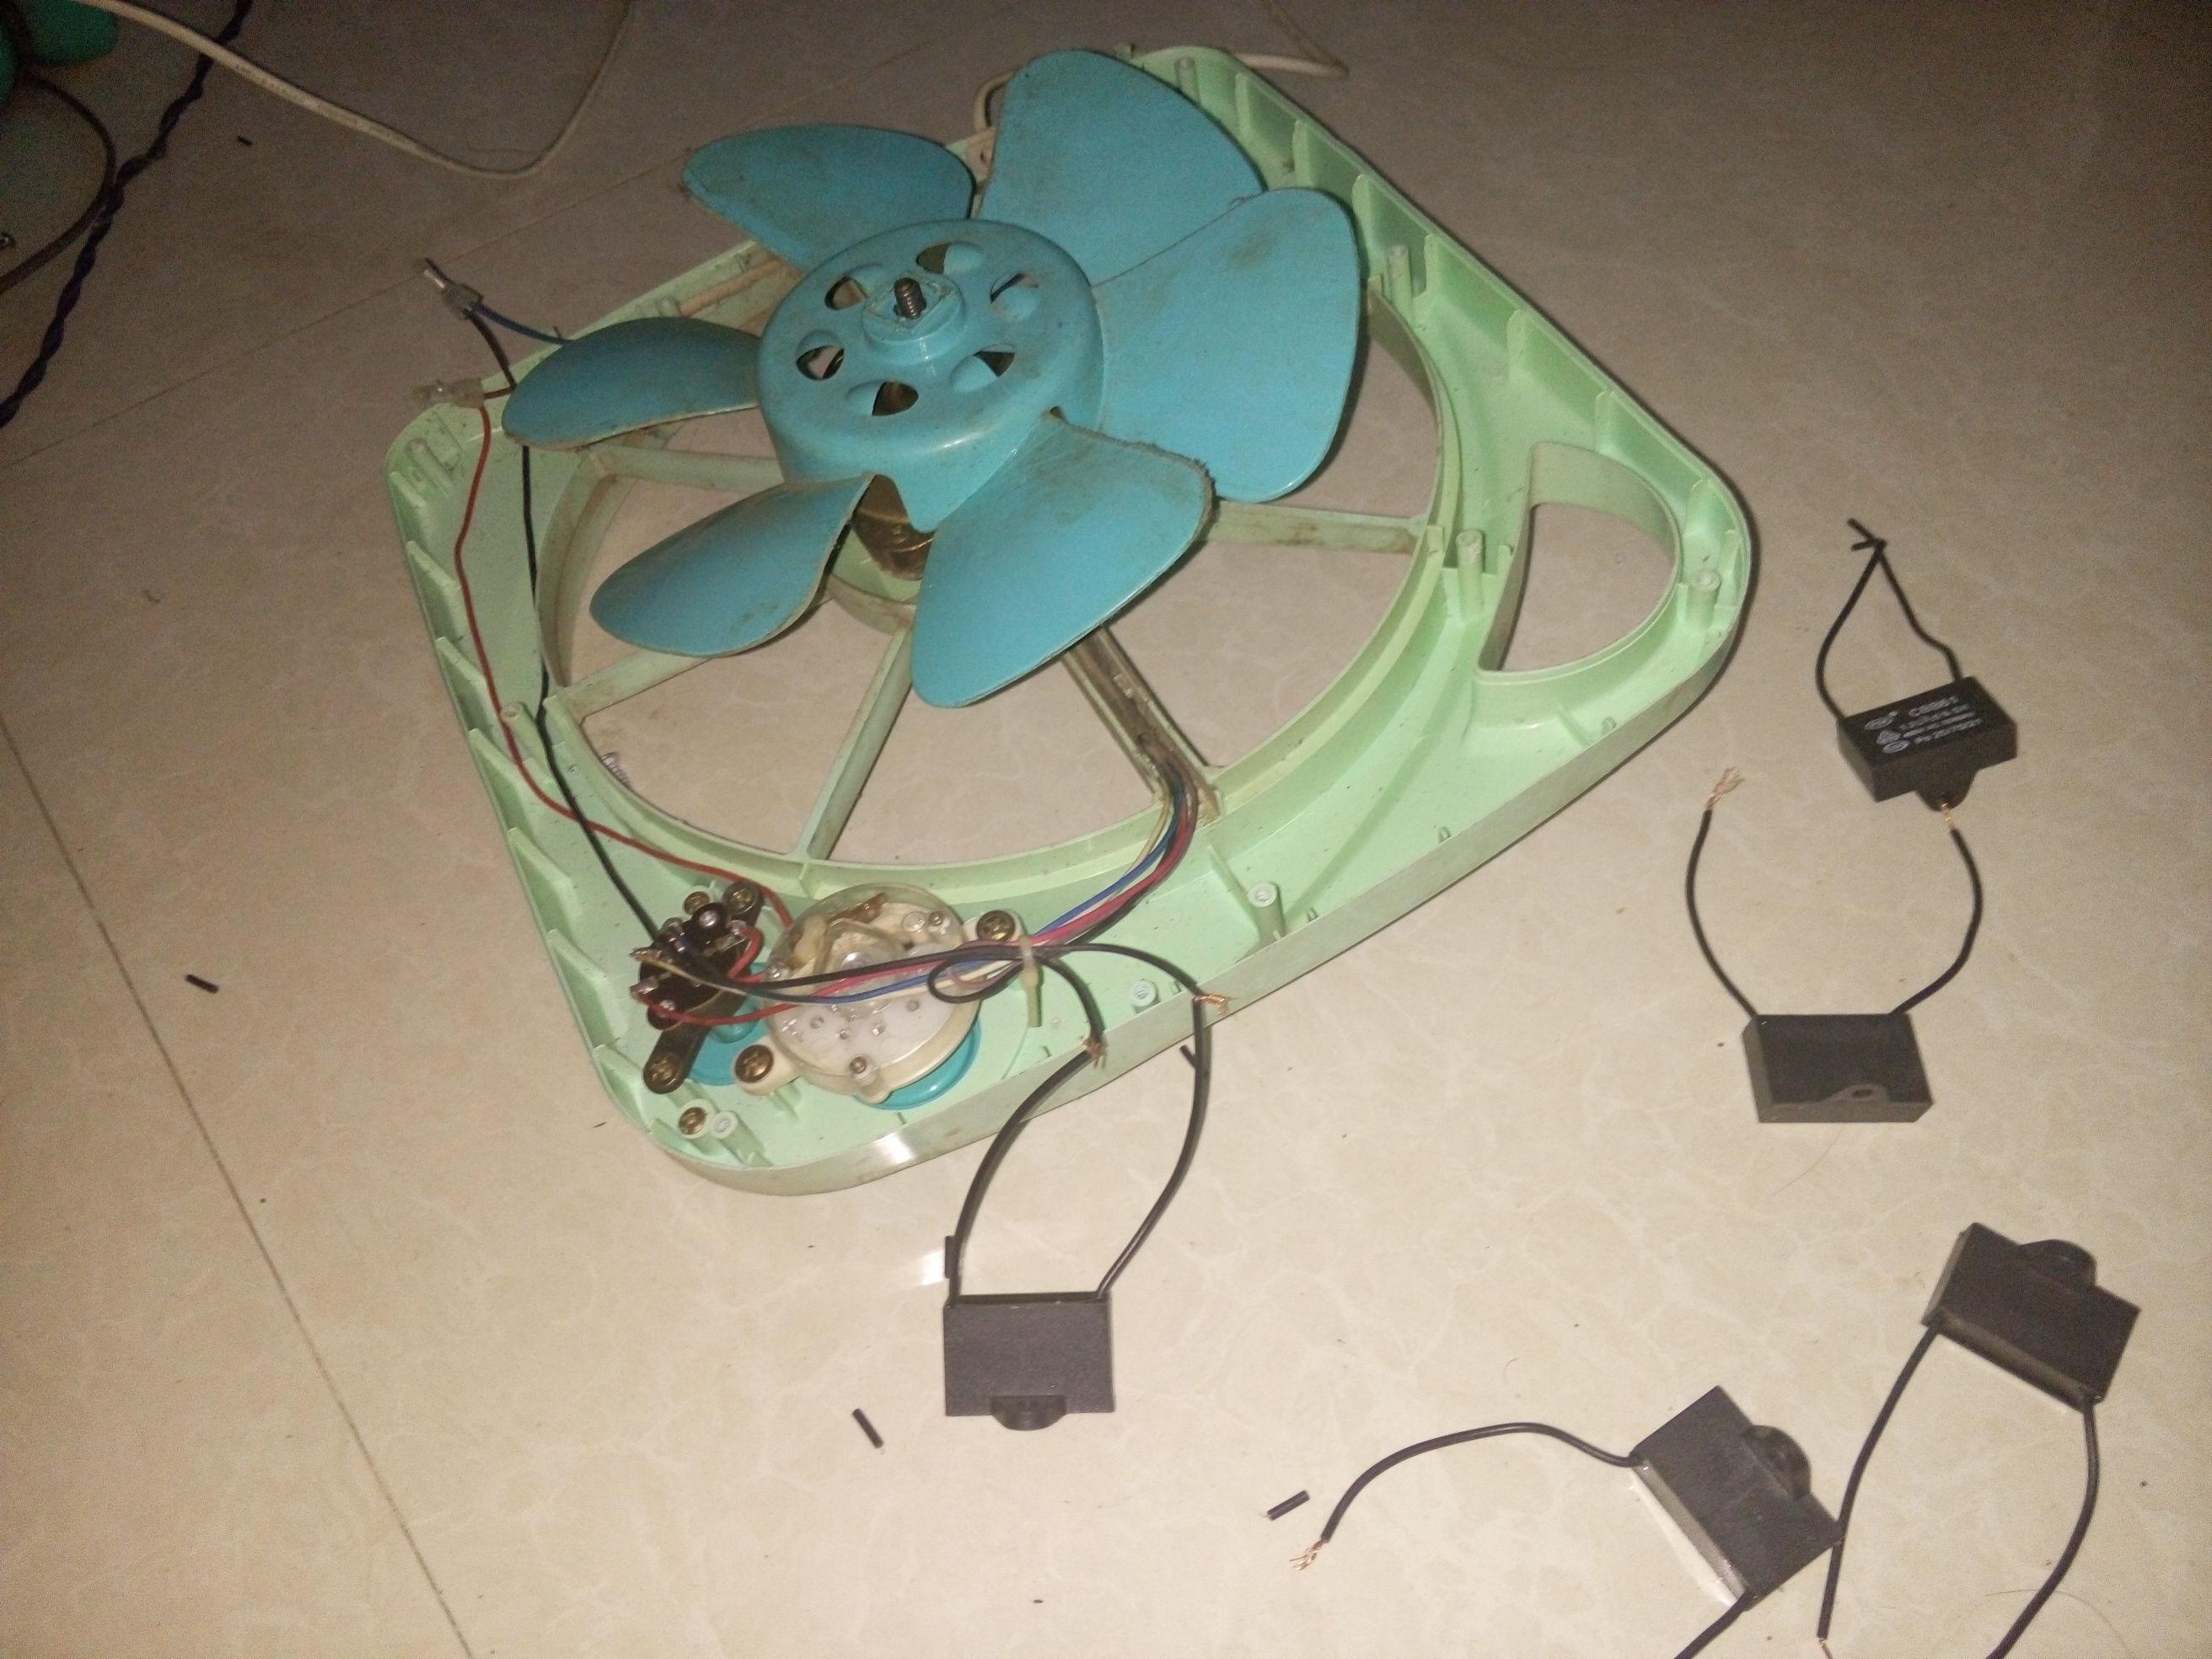 这个电风扇电容我也换了,还是一点反应也没有,电机也不会有卡住的感觉